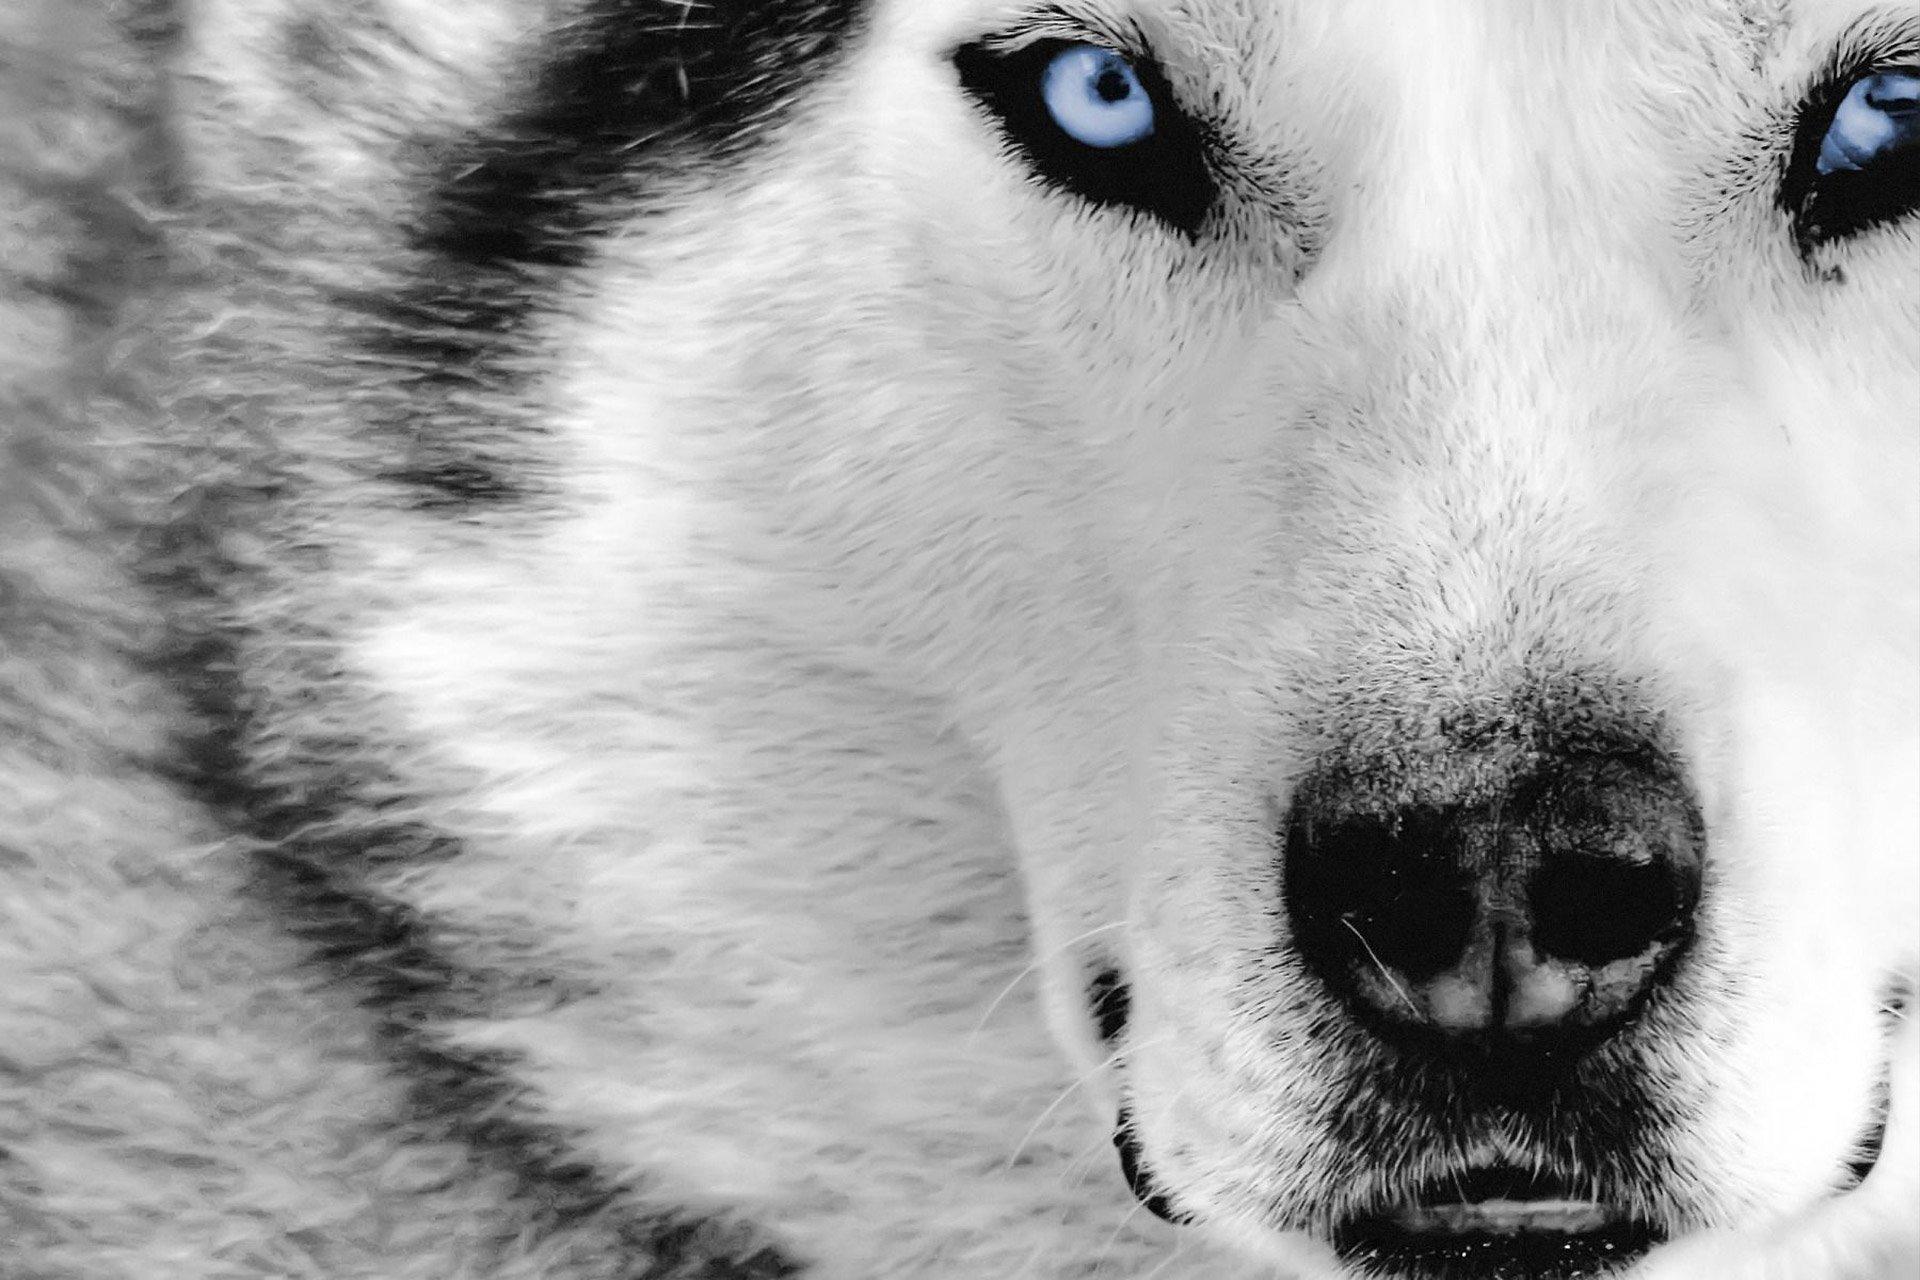 گرگهای بالغ هم مانند سگها به انسان وابسته میشوند